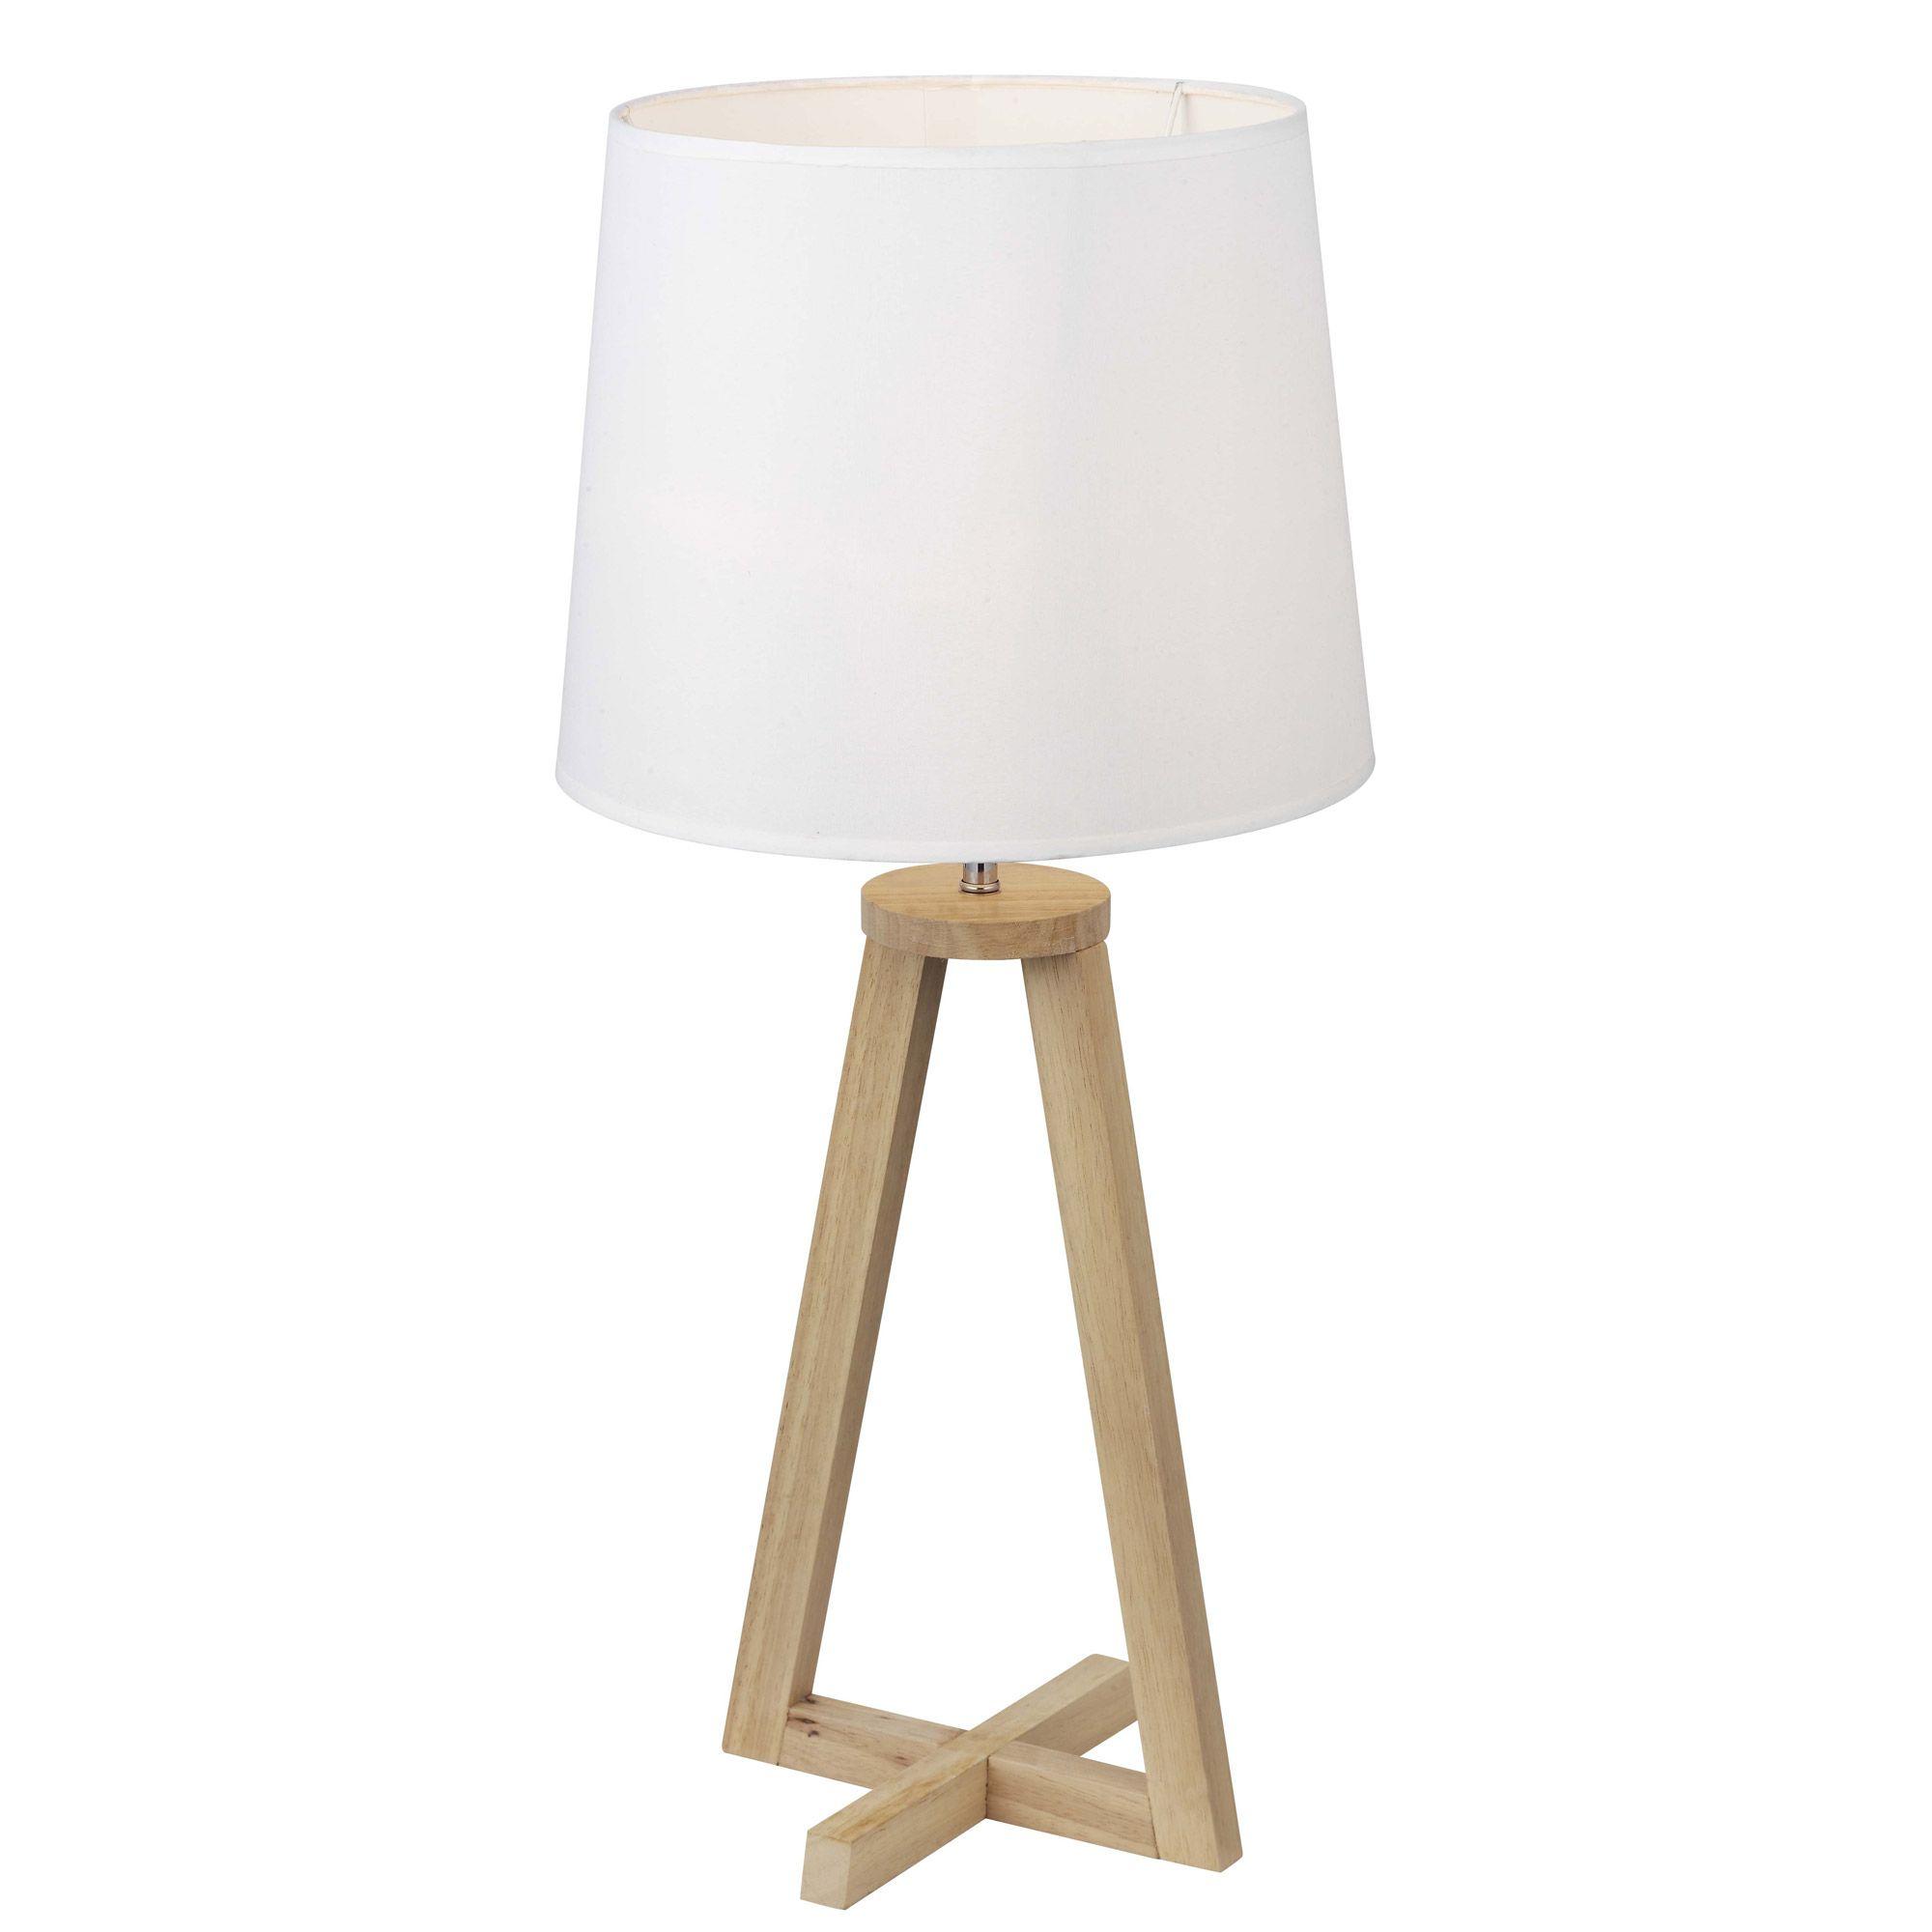 Lampe  poser pied en bois avec abat jour en tissu blanc hauteur